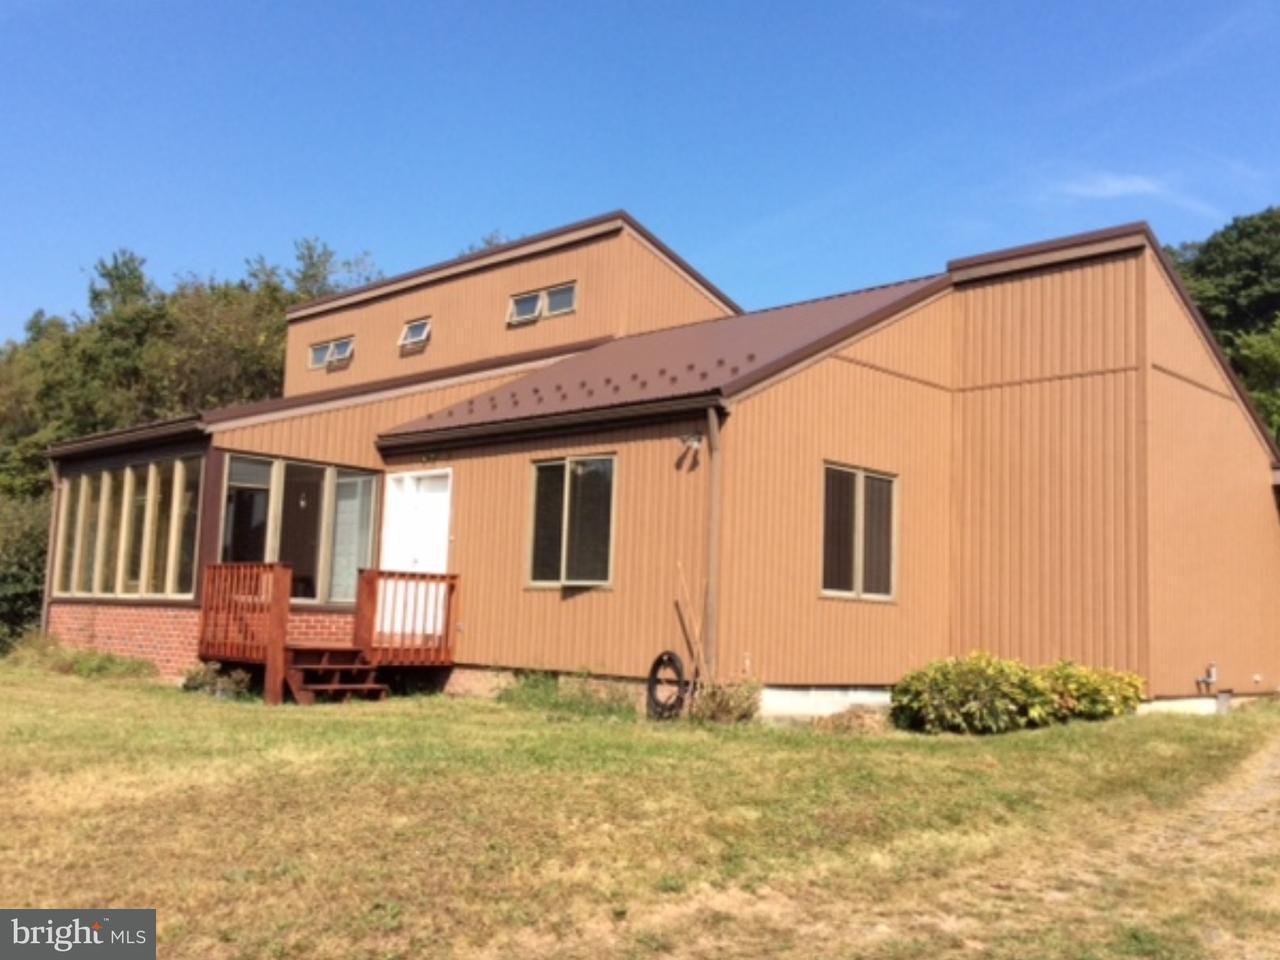 独户住宅 为 销售 在 134 SPARROW Lane Pottsville, 宾夕法尼亚州 17901 美国